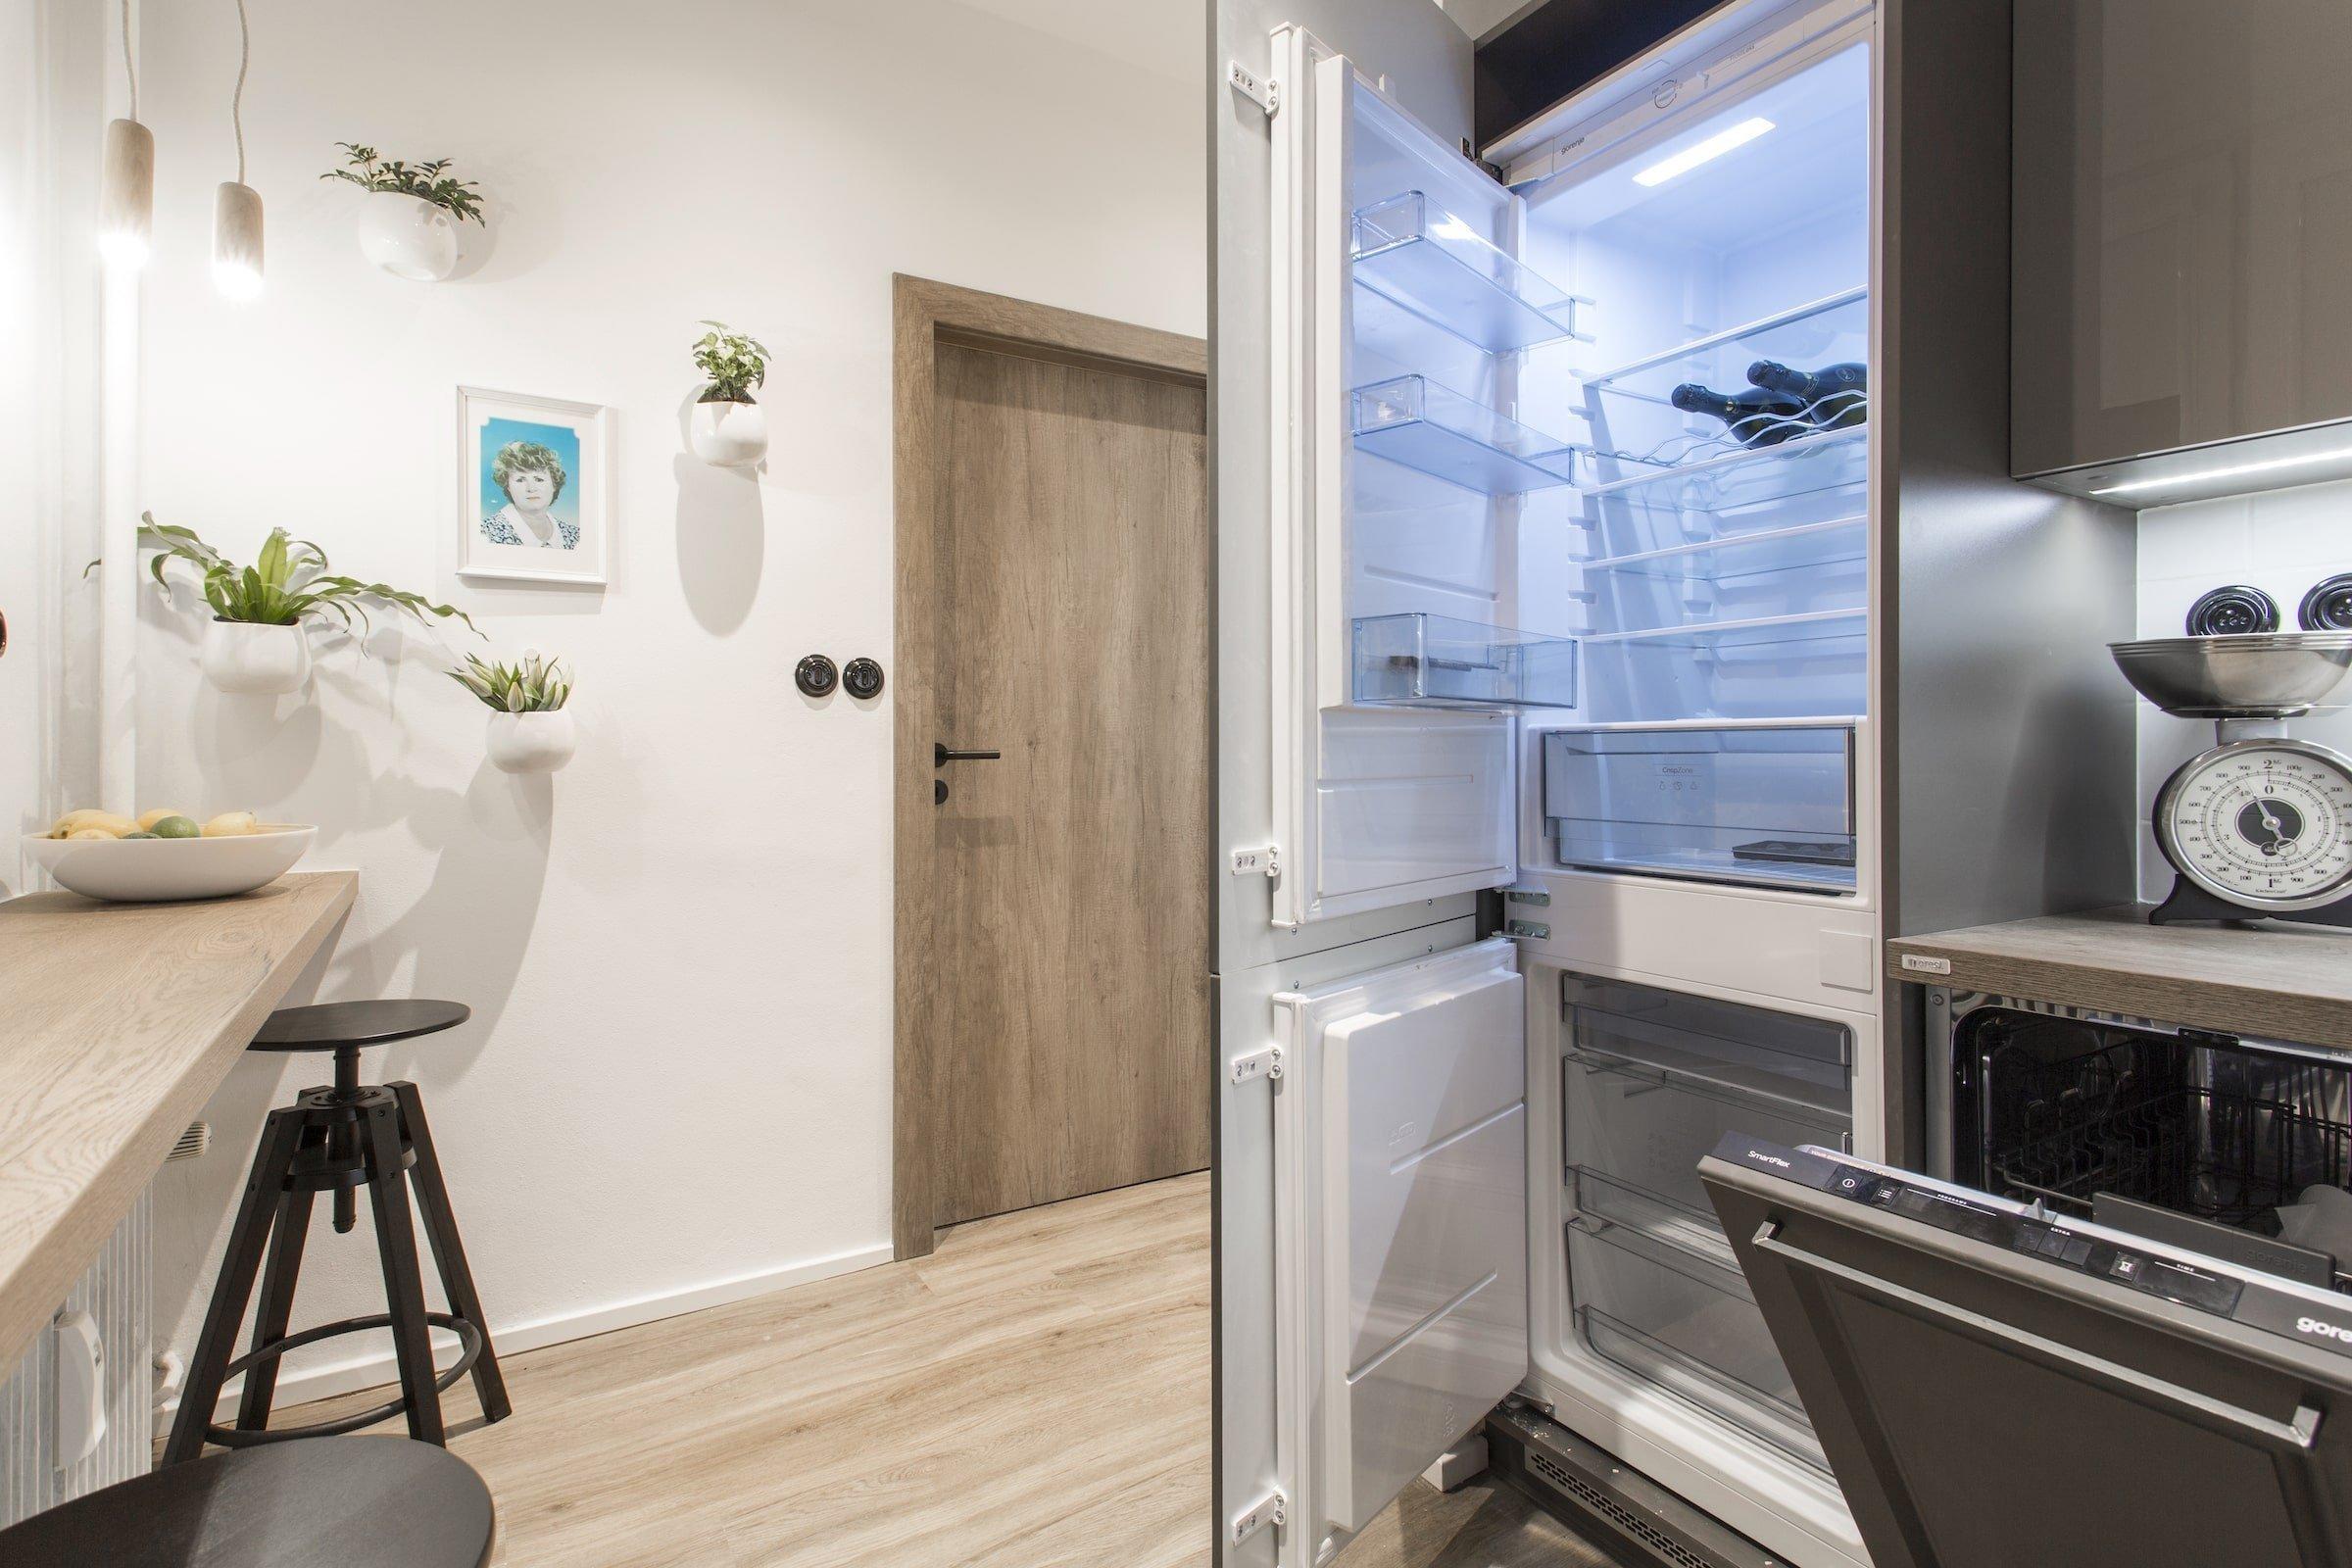 V dnešní proměně se pod taktovkou designérů Martiny Pištělákové a Jana Beka podíváme na to, jak může ve starém panelovém bytě vzniknout zbrusu nová kuchyně, koupelna a toaleta. A navíc budeme i svědky toho, jak důležitá je vzájemná láska při boji se zákeřnou nemocí.